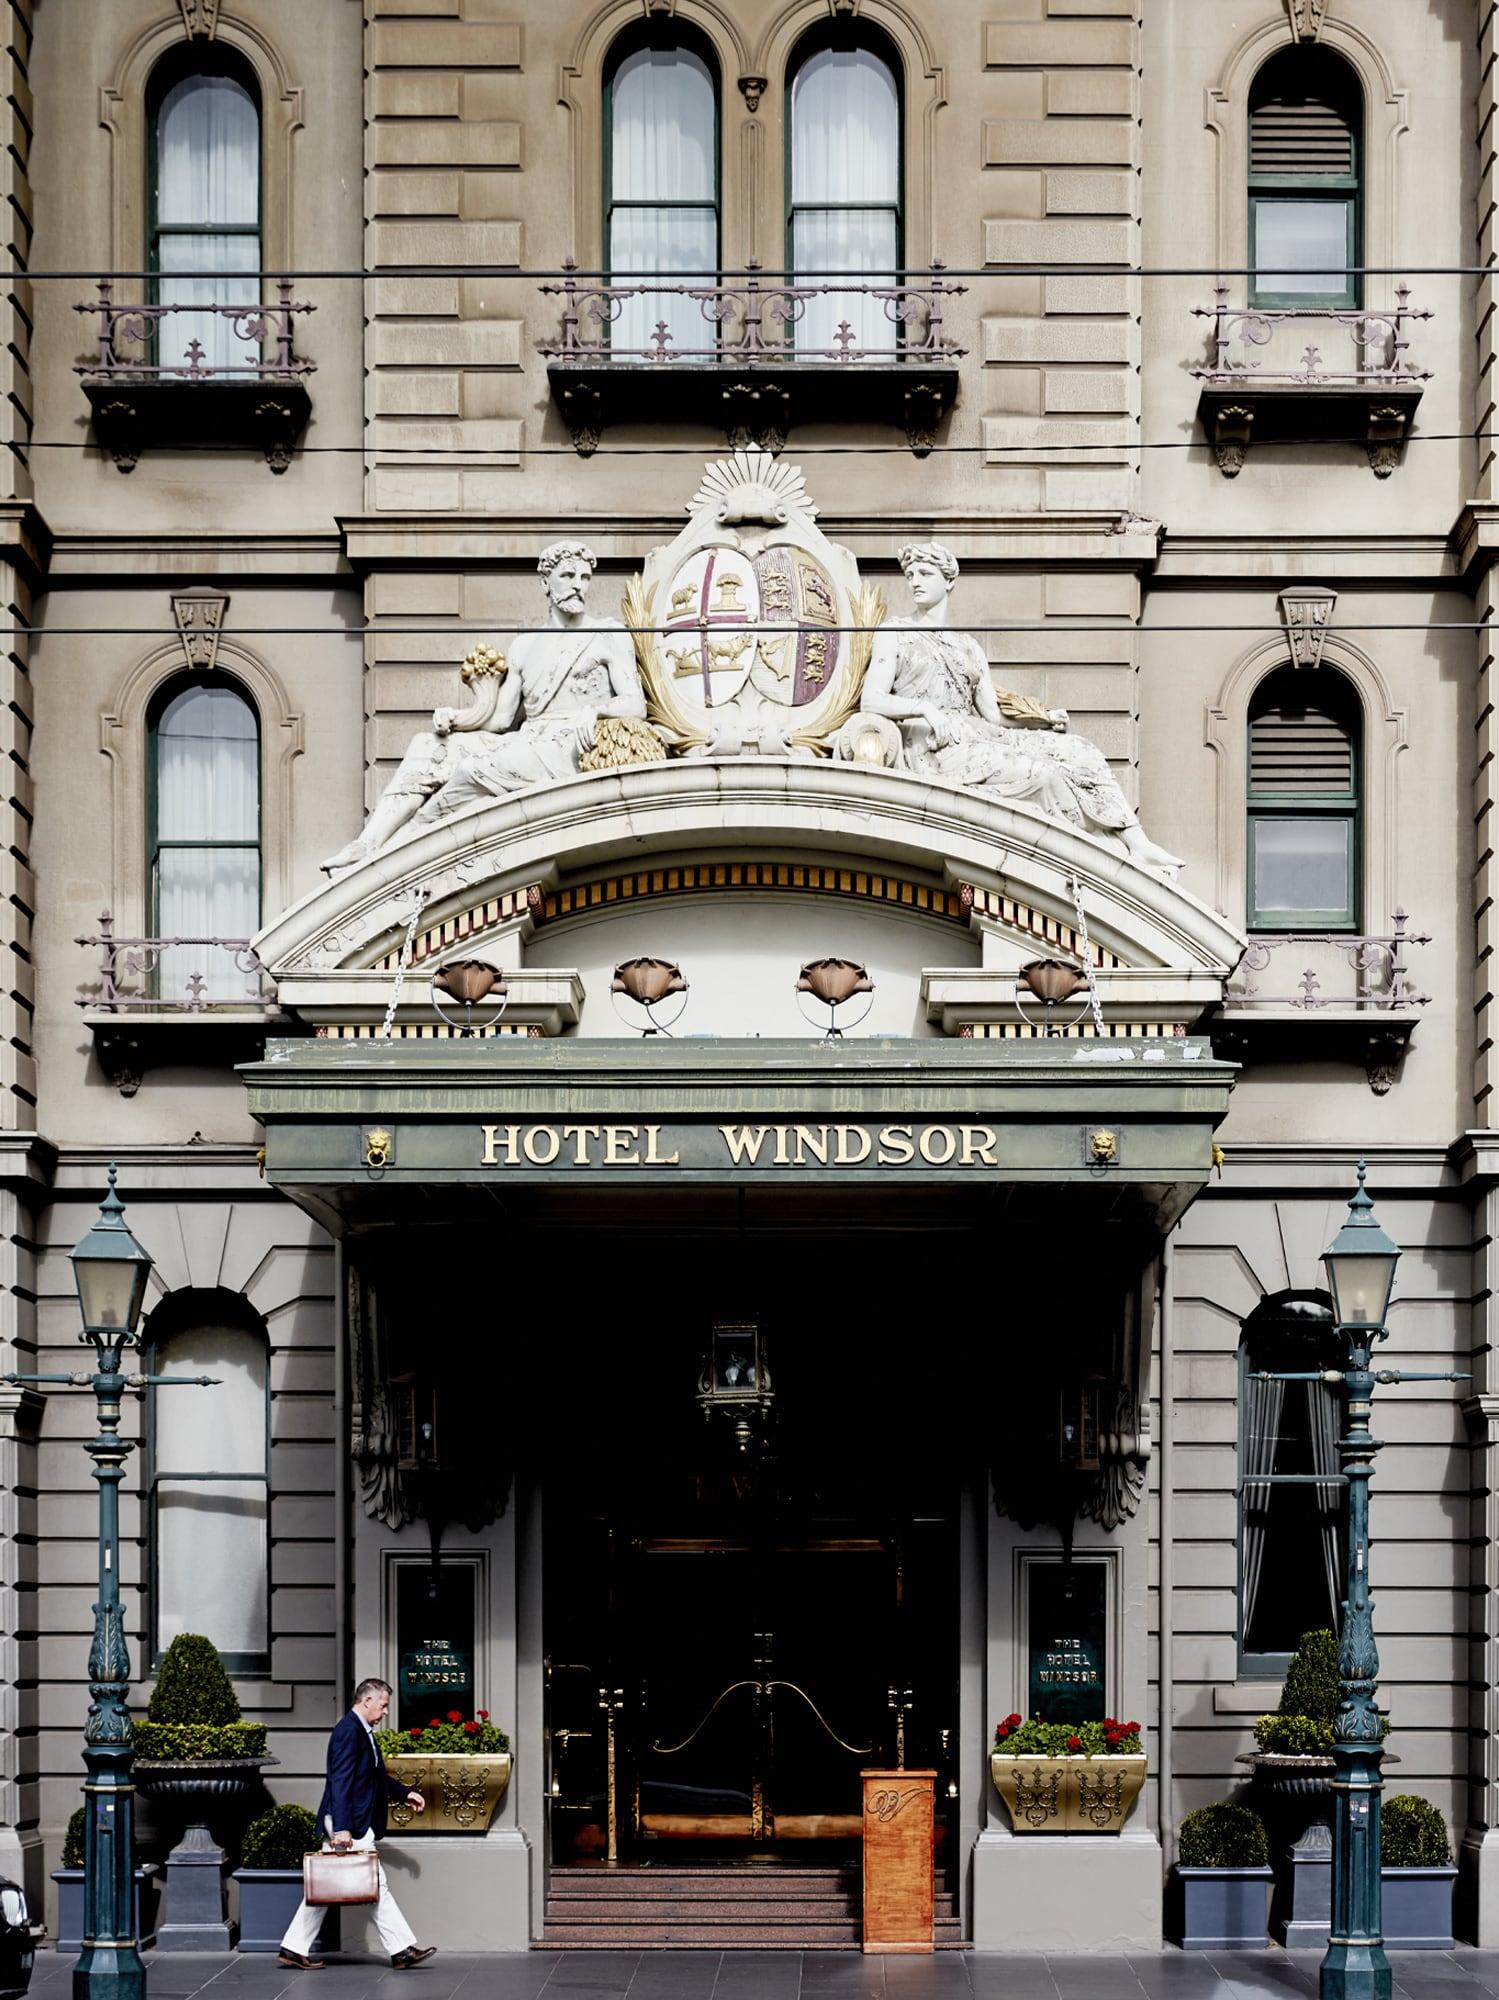 Hotel Windsor, Spring Street